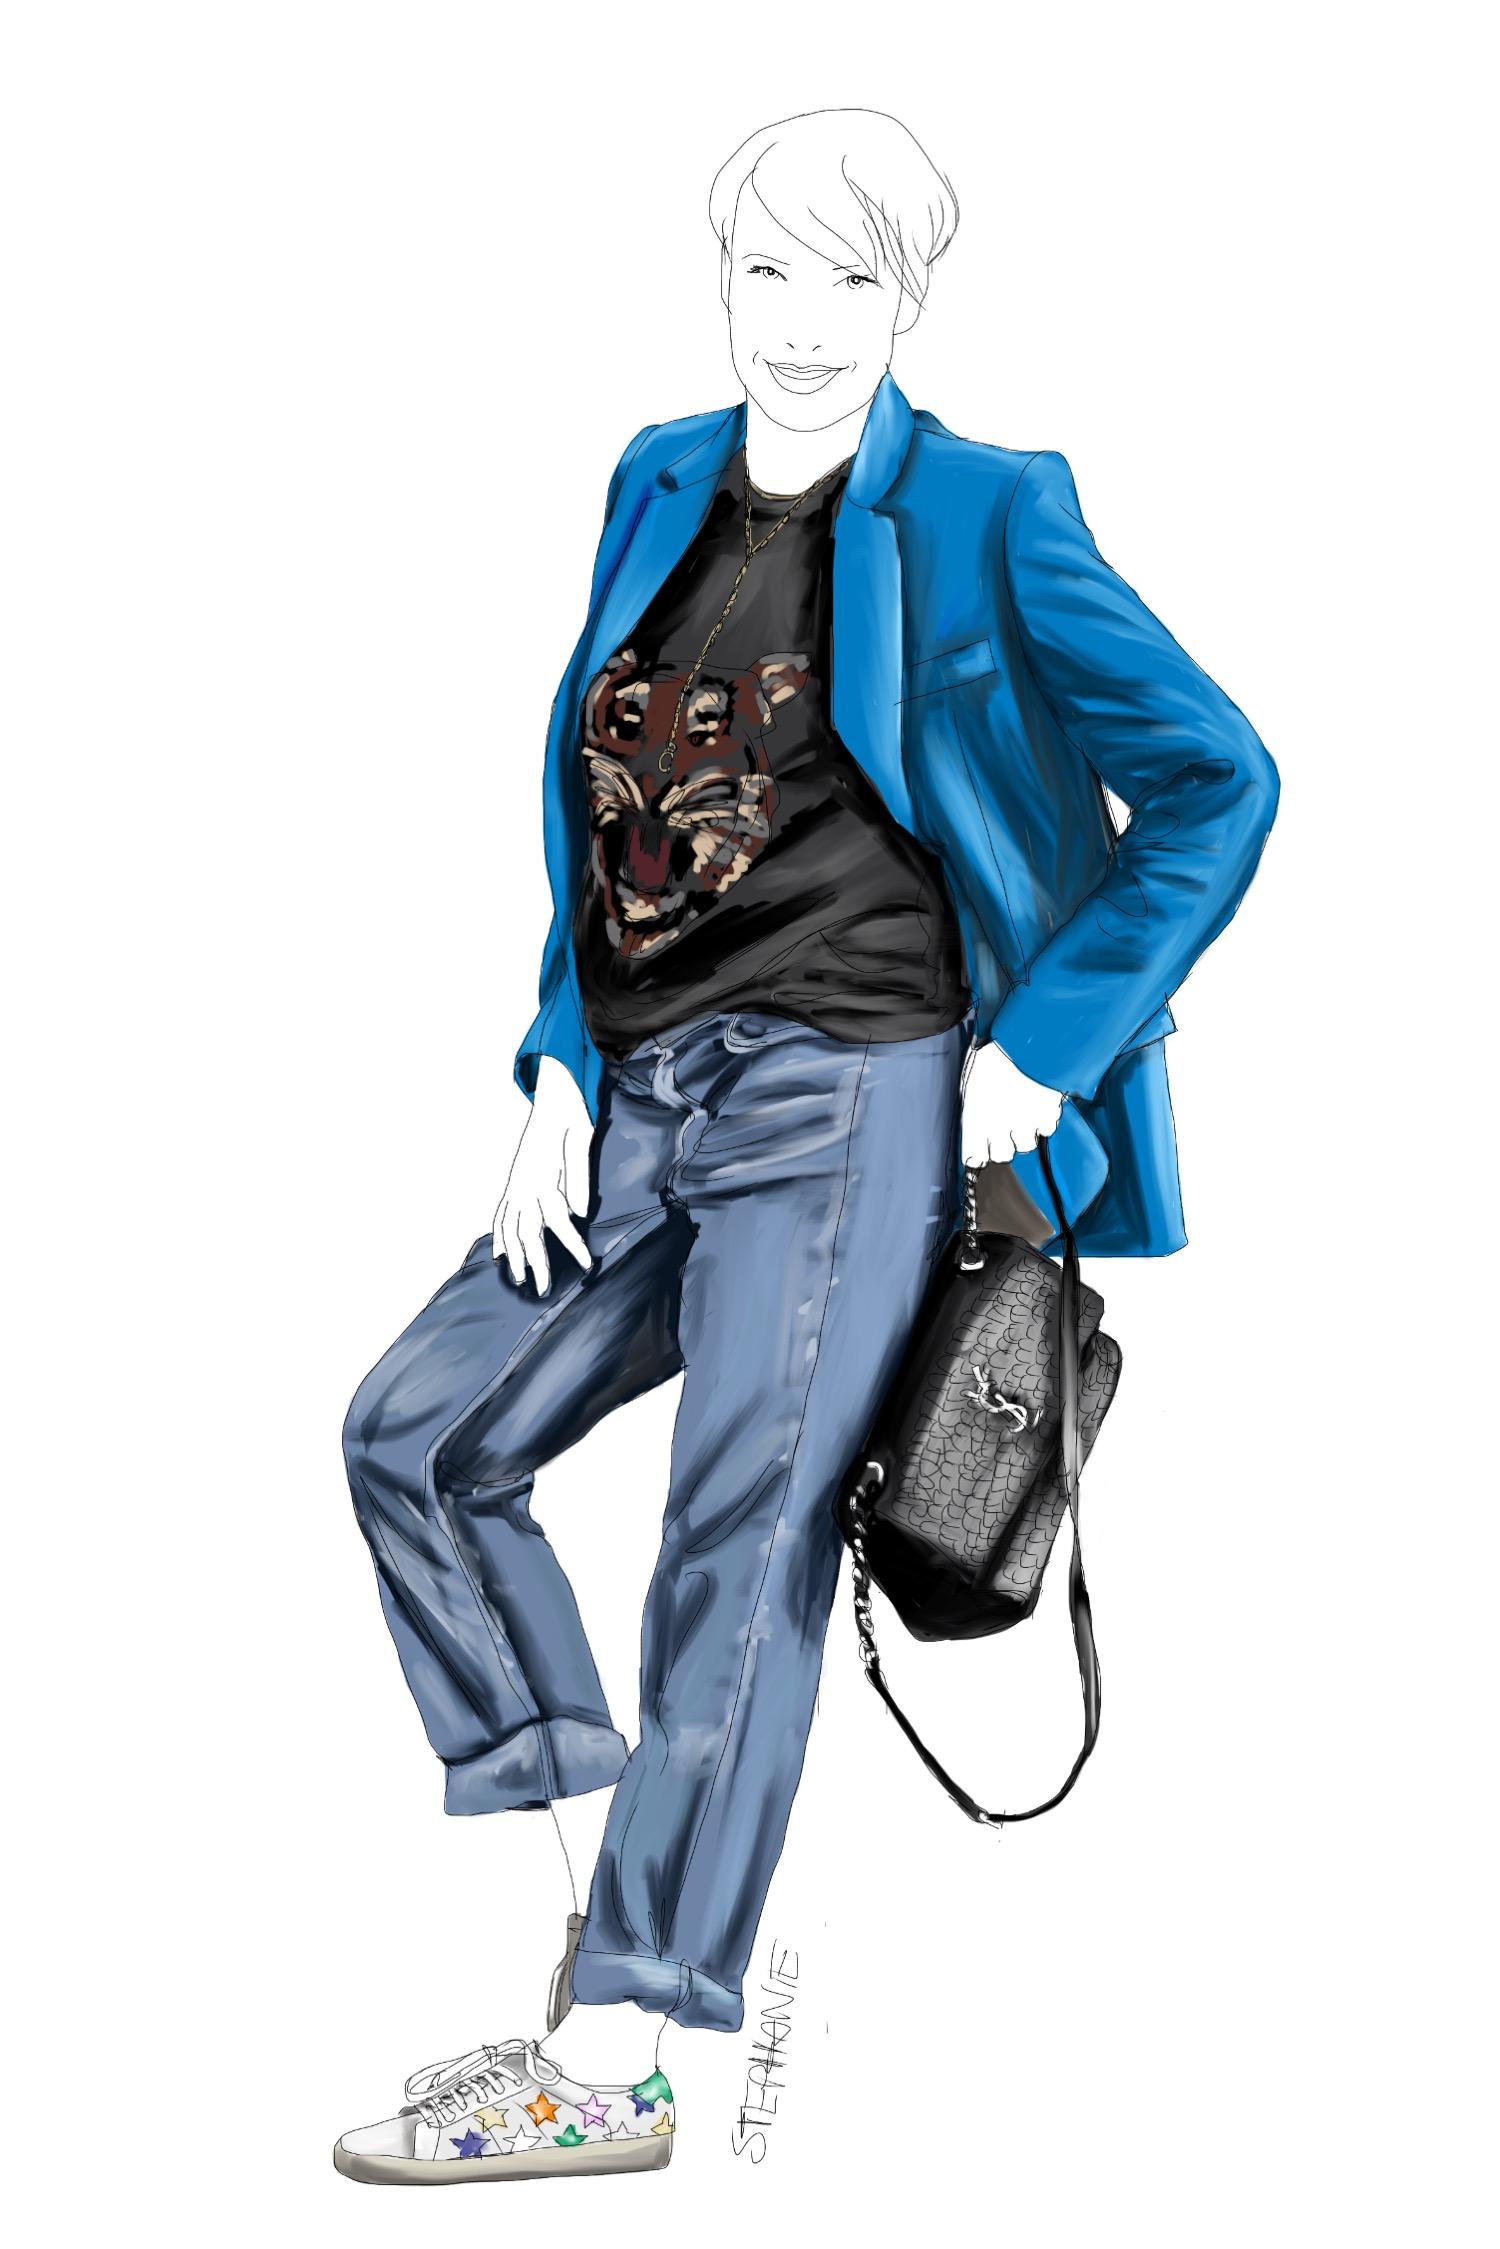 alte Kleidungsstücke trendy stylen - wie man eine alte Boyfriend-Jeans neu kombiniert